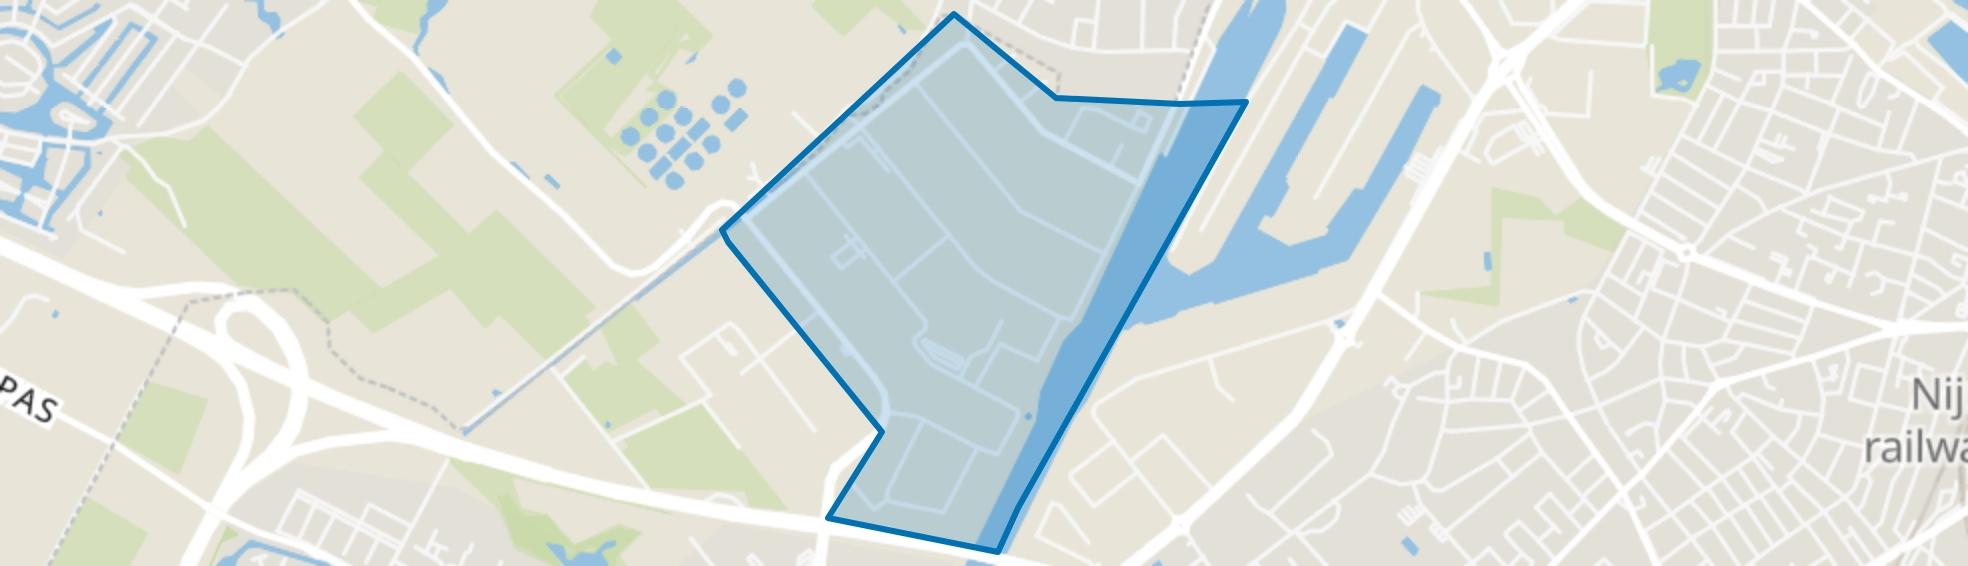 Westkanaaldijk, Nijmegen map